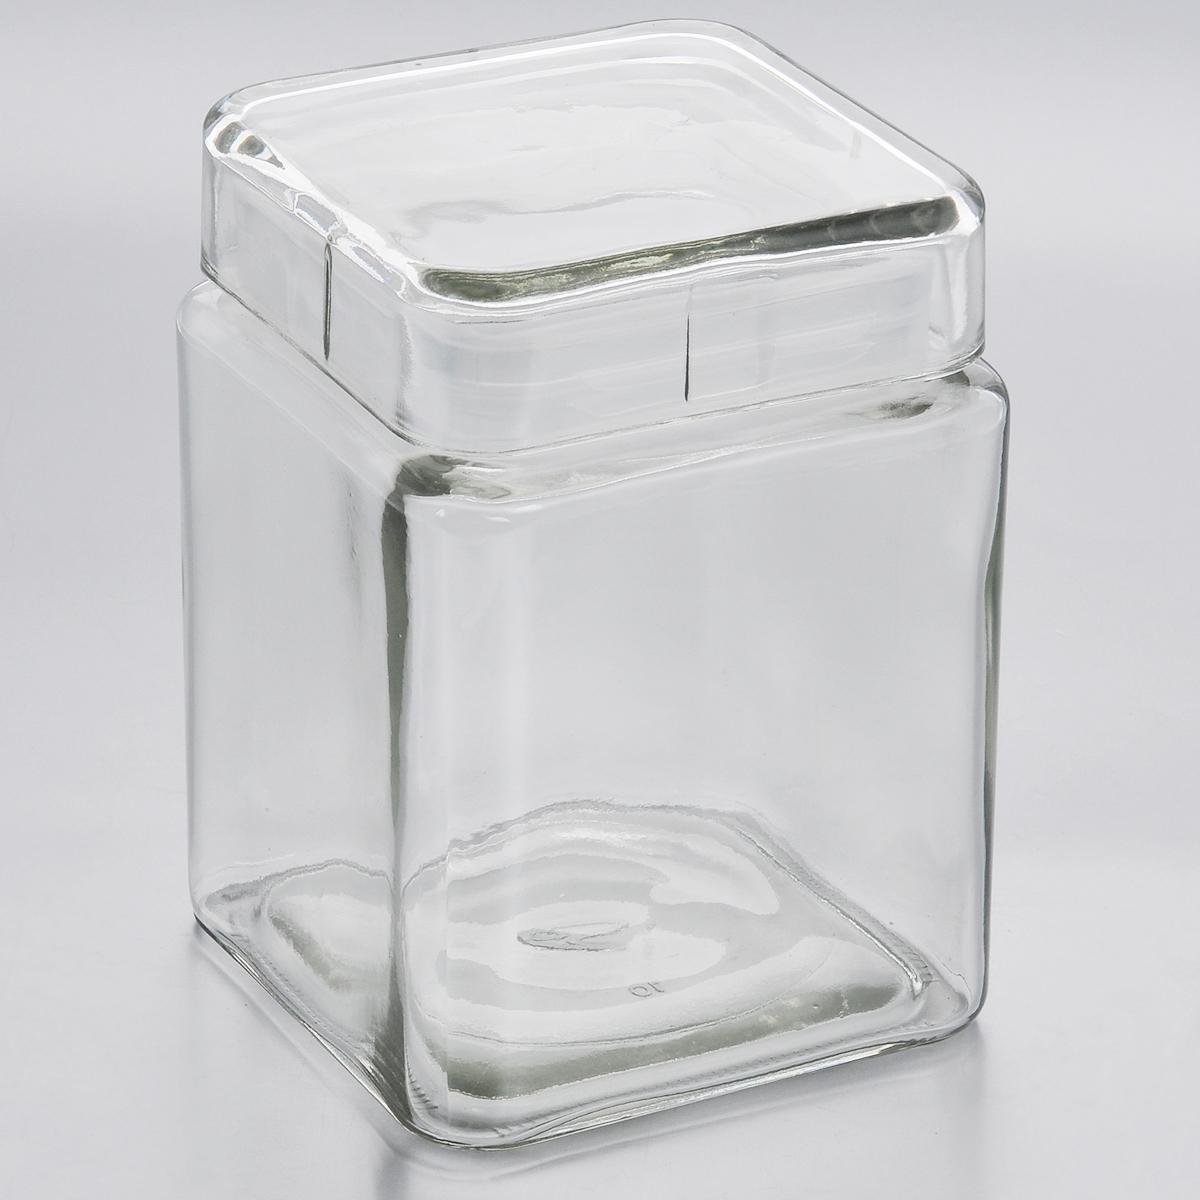 Емкость для хранения Esprado Cristella, 1240 млC041201E405Емкость для хранения Esprado Cristella изготовлена из качественного прозрачного стекла, отполированного до идеального блеска и гладкости. Изделие имеет квадратную форму. Стекло термостойкое, что позволяет использовать емкость Esprado при различных температурах (от -15° С до +100°С). Это делает ее функциональным и универсальным кухонным аксессуаром. Емкость очень вместительна, поэтому прекрасно подходит для хранения круп, макарон, кофе, орехов, специй и других сыпучих продуктов. Крышка плотно закрывается и легко открывается благодаря силиконовой прослойке. Это обеспечивает герметичность и дольше сохраняет продукты свежими. Благодаря различным дизайнерским решениям такая емкость дополнит и украсит интерьер любой кухни. Емкости для хранения из коллекции Cristella разработаны на основе эргономичных дизайнерских решений, которые позволяют максимально эффективно и рационально использовать кухонные поверхности. Благодаря универсальному внешнему виду, они...